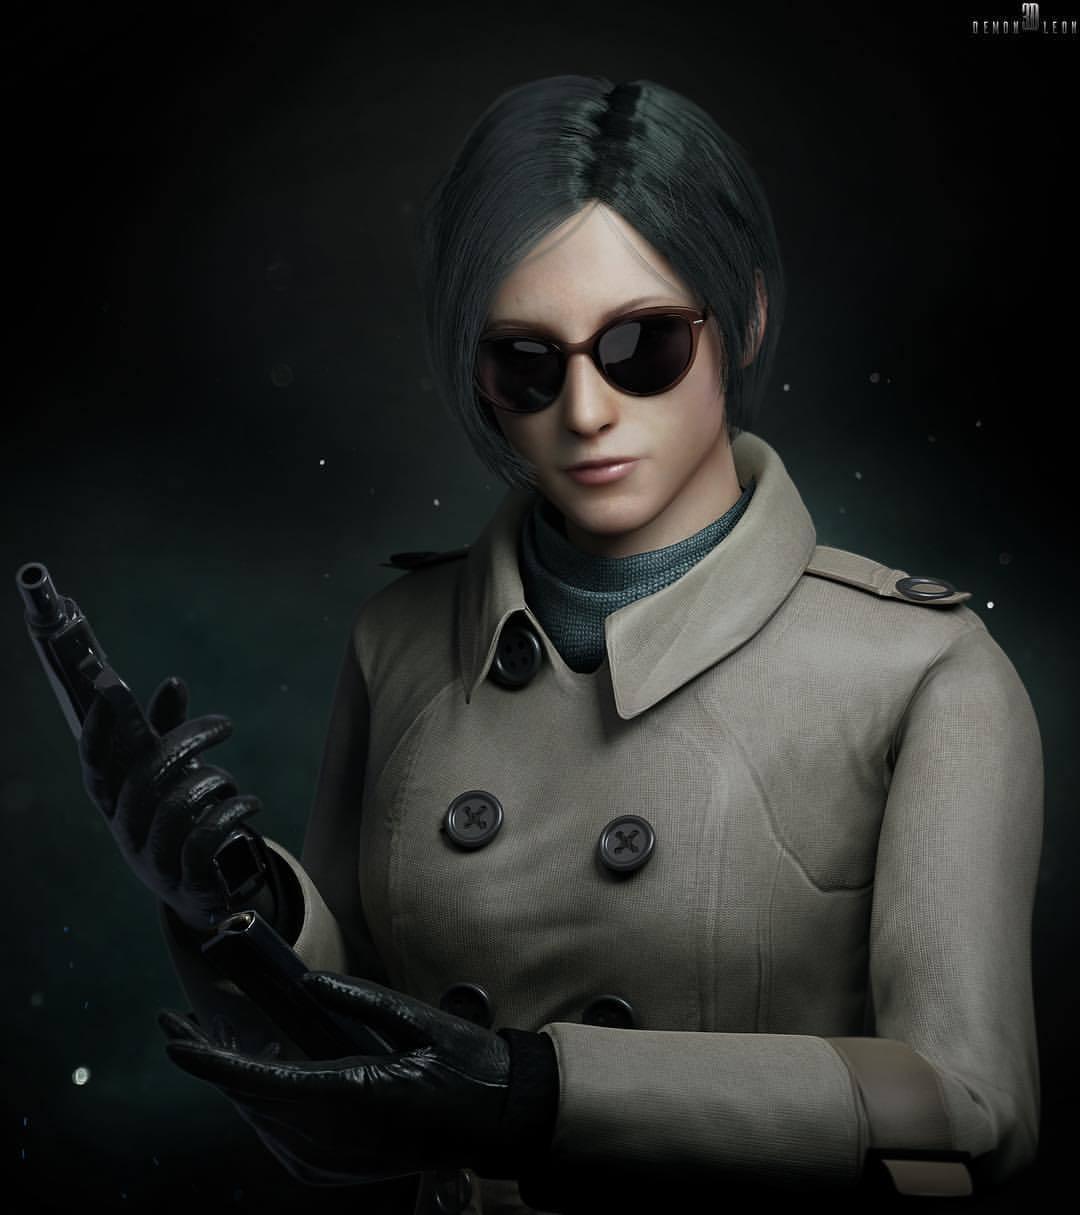 生于一念之间 神谷英树推特大爆人气间谍御姐艾达王诞生秘闻